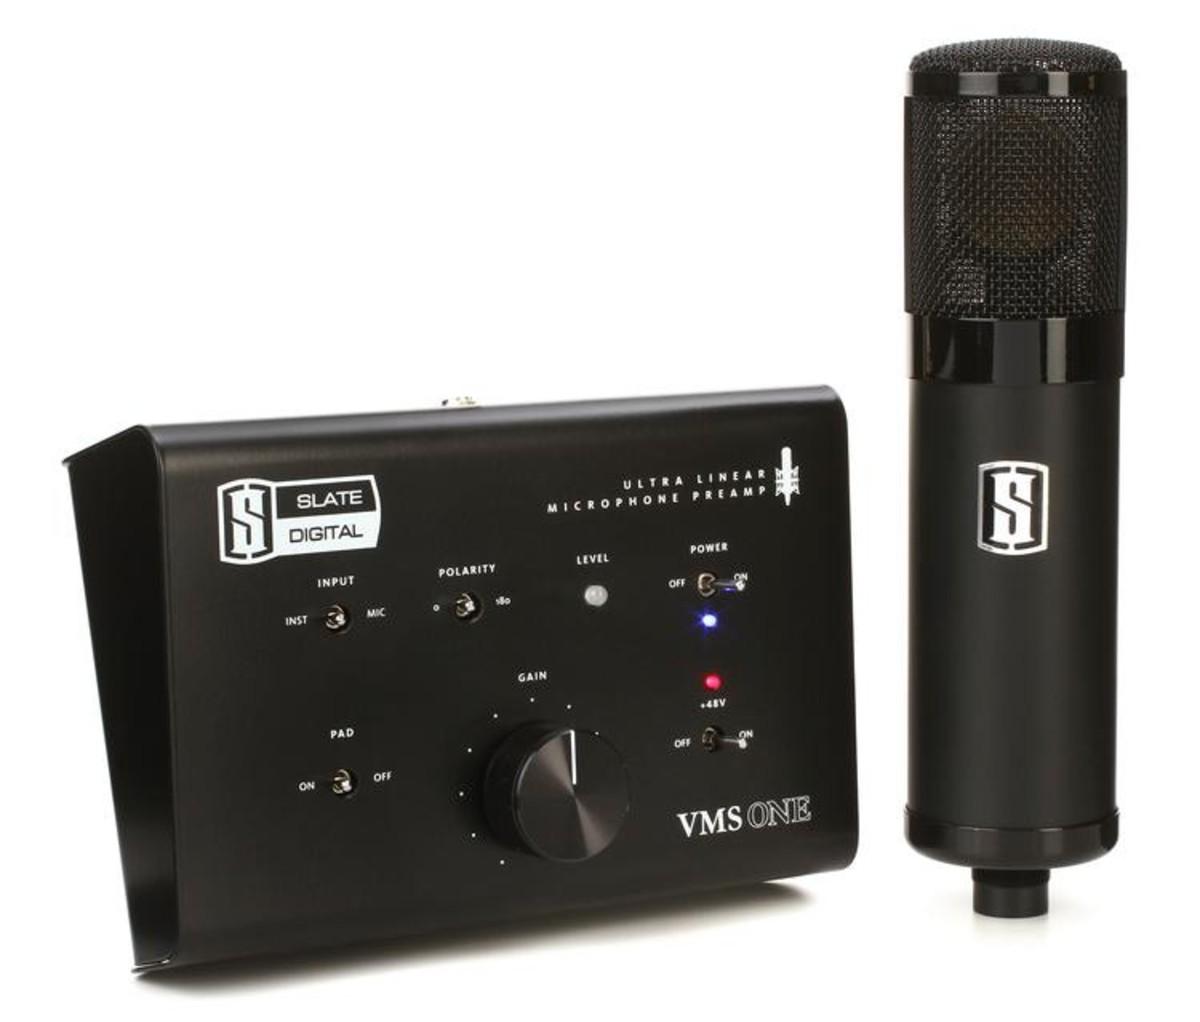 Slate VMS Microphone